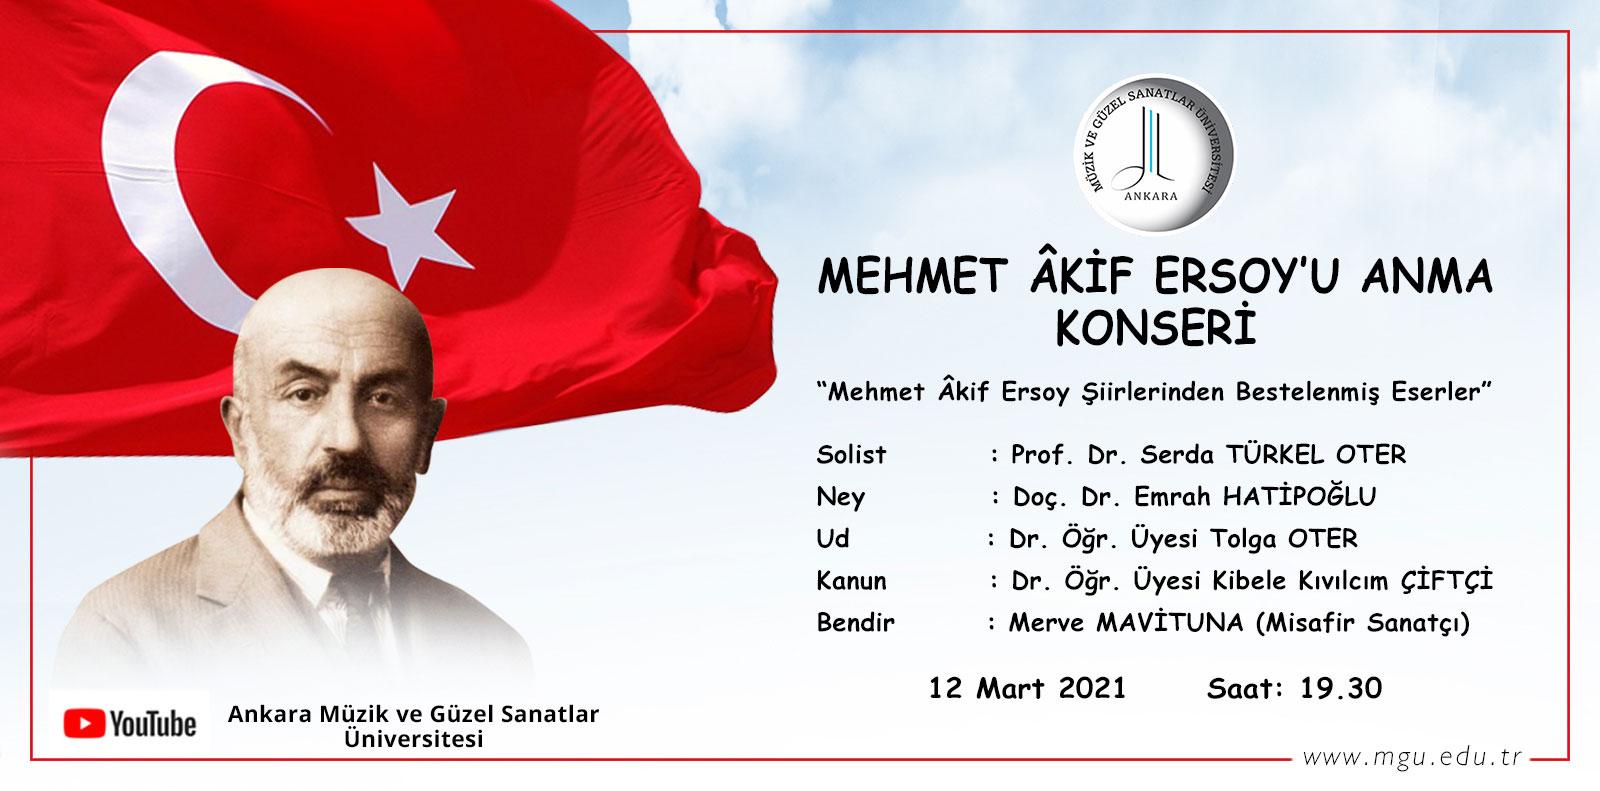 Mehmet Akif Ersoy'u Anma Konseri Slide